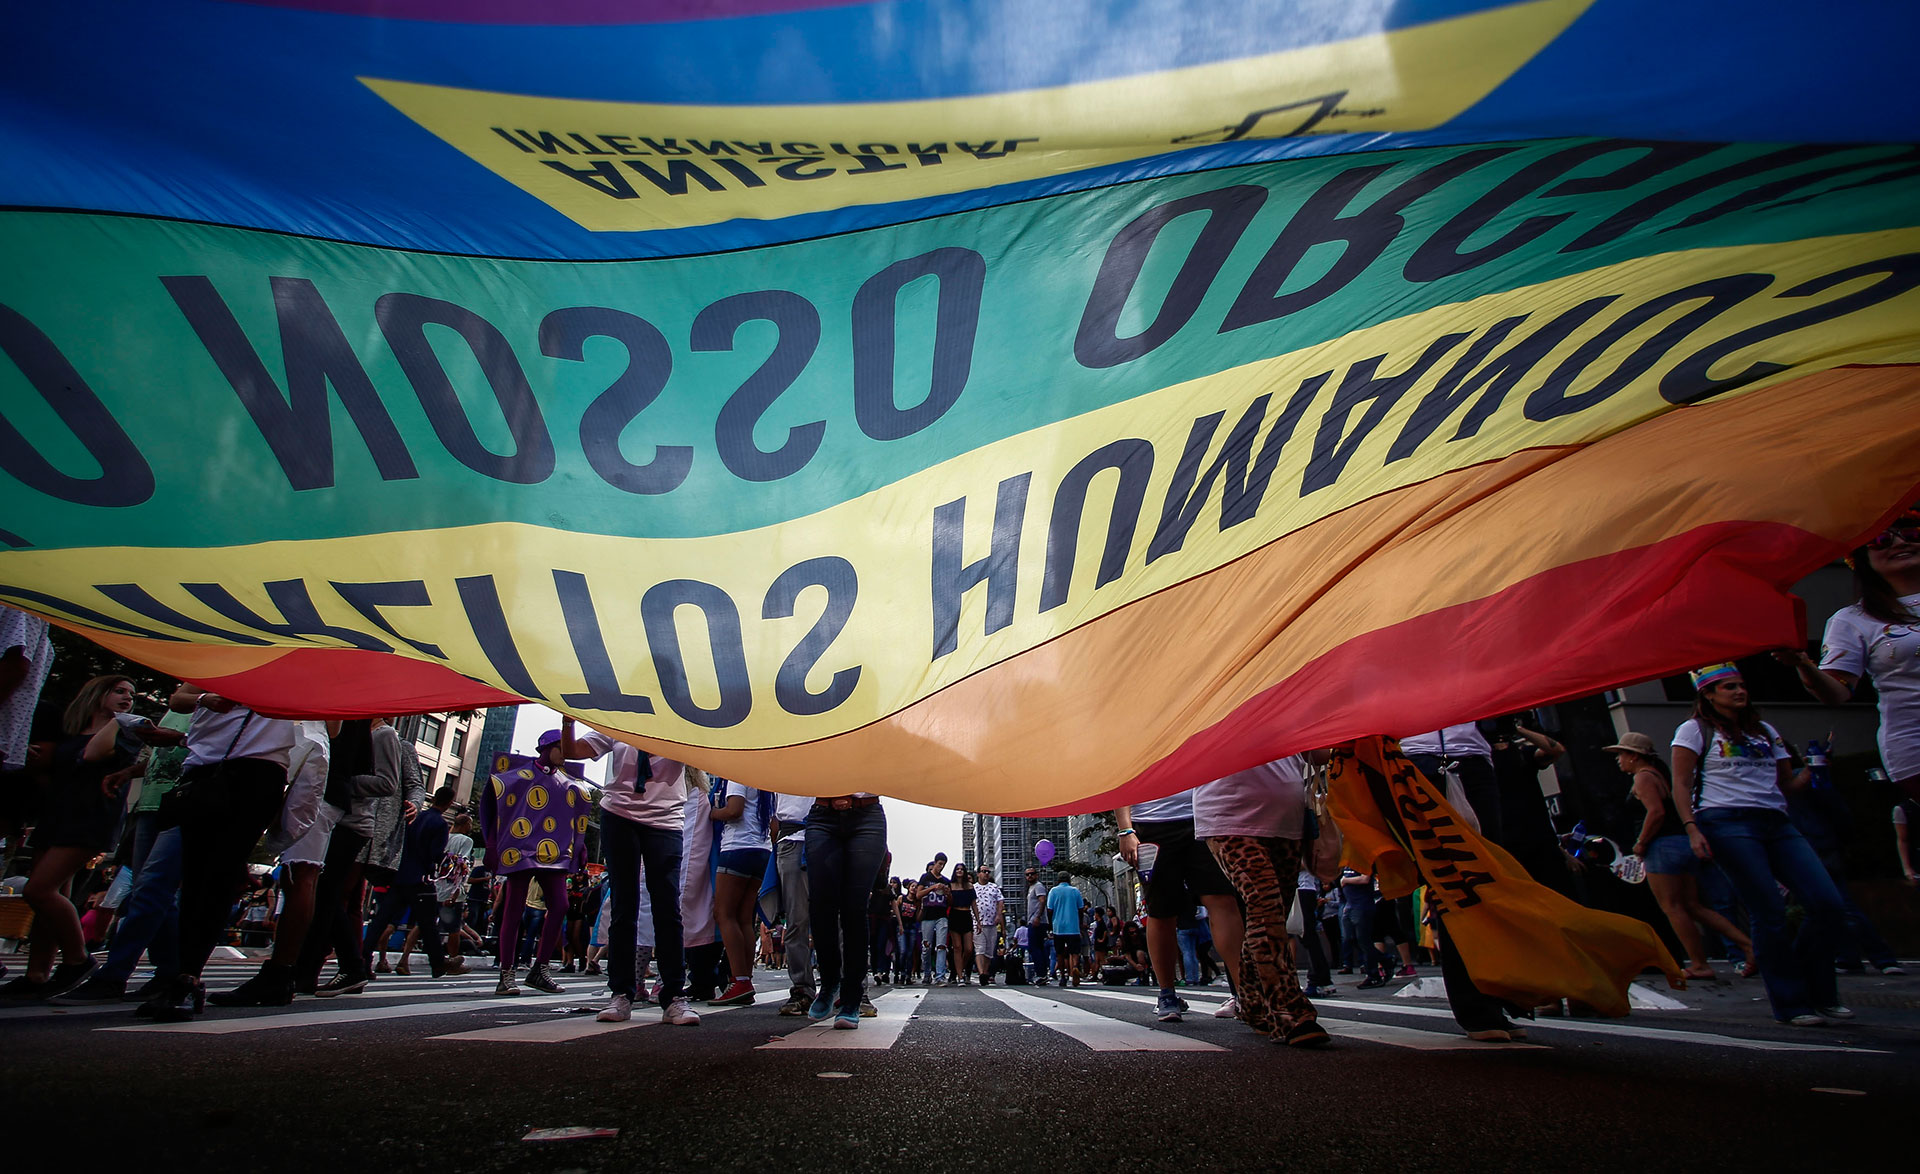 Además de las tradicionales banderas con los colores del arco iris, símbolo mundial del movimiento LGBT, y de las coloridos y esplendorosos disfraces de algunos de los participantes, en el desfile de este domingo destacaron los coros contra el fundamentalismo religioso y en defensa de un Estado laico